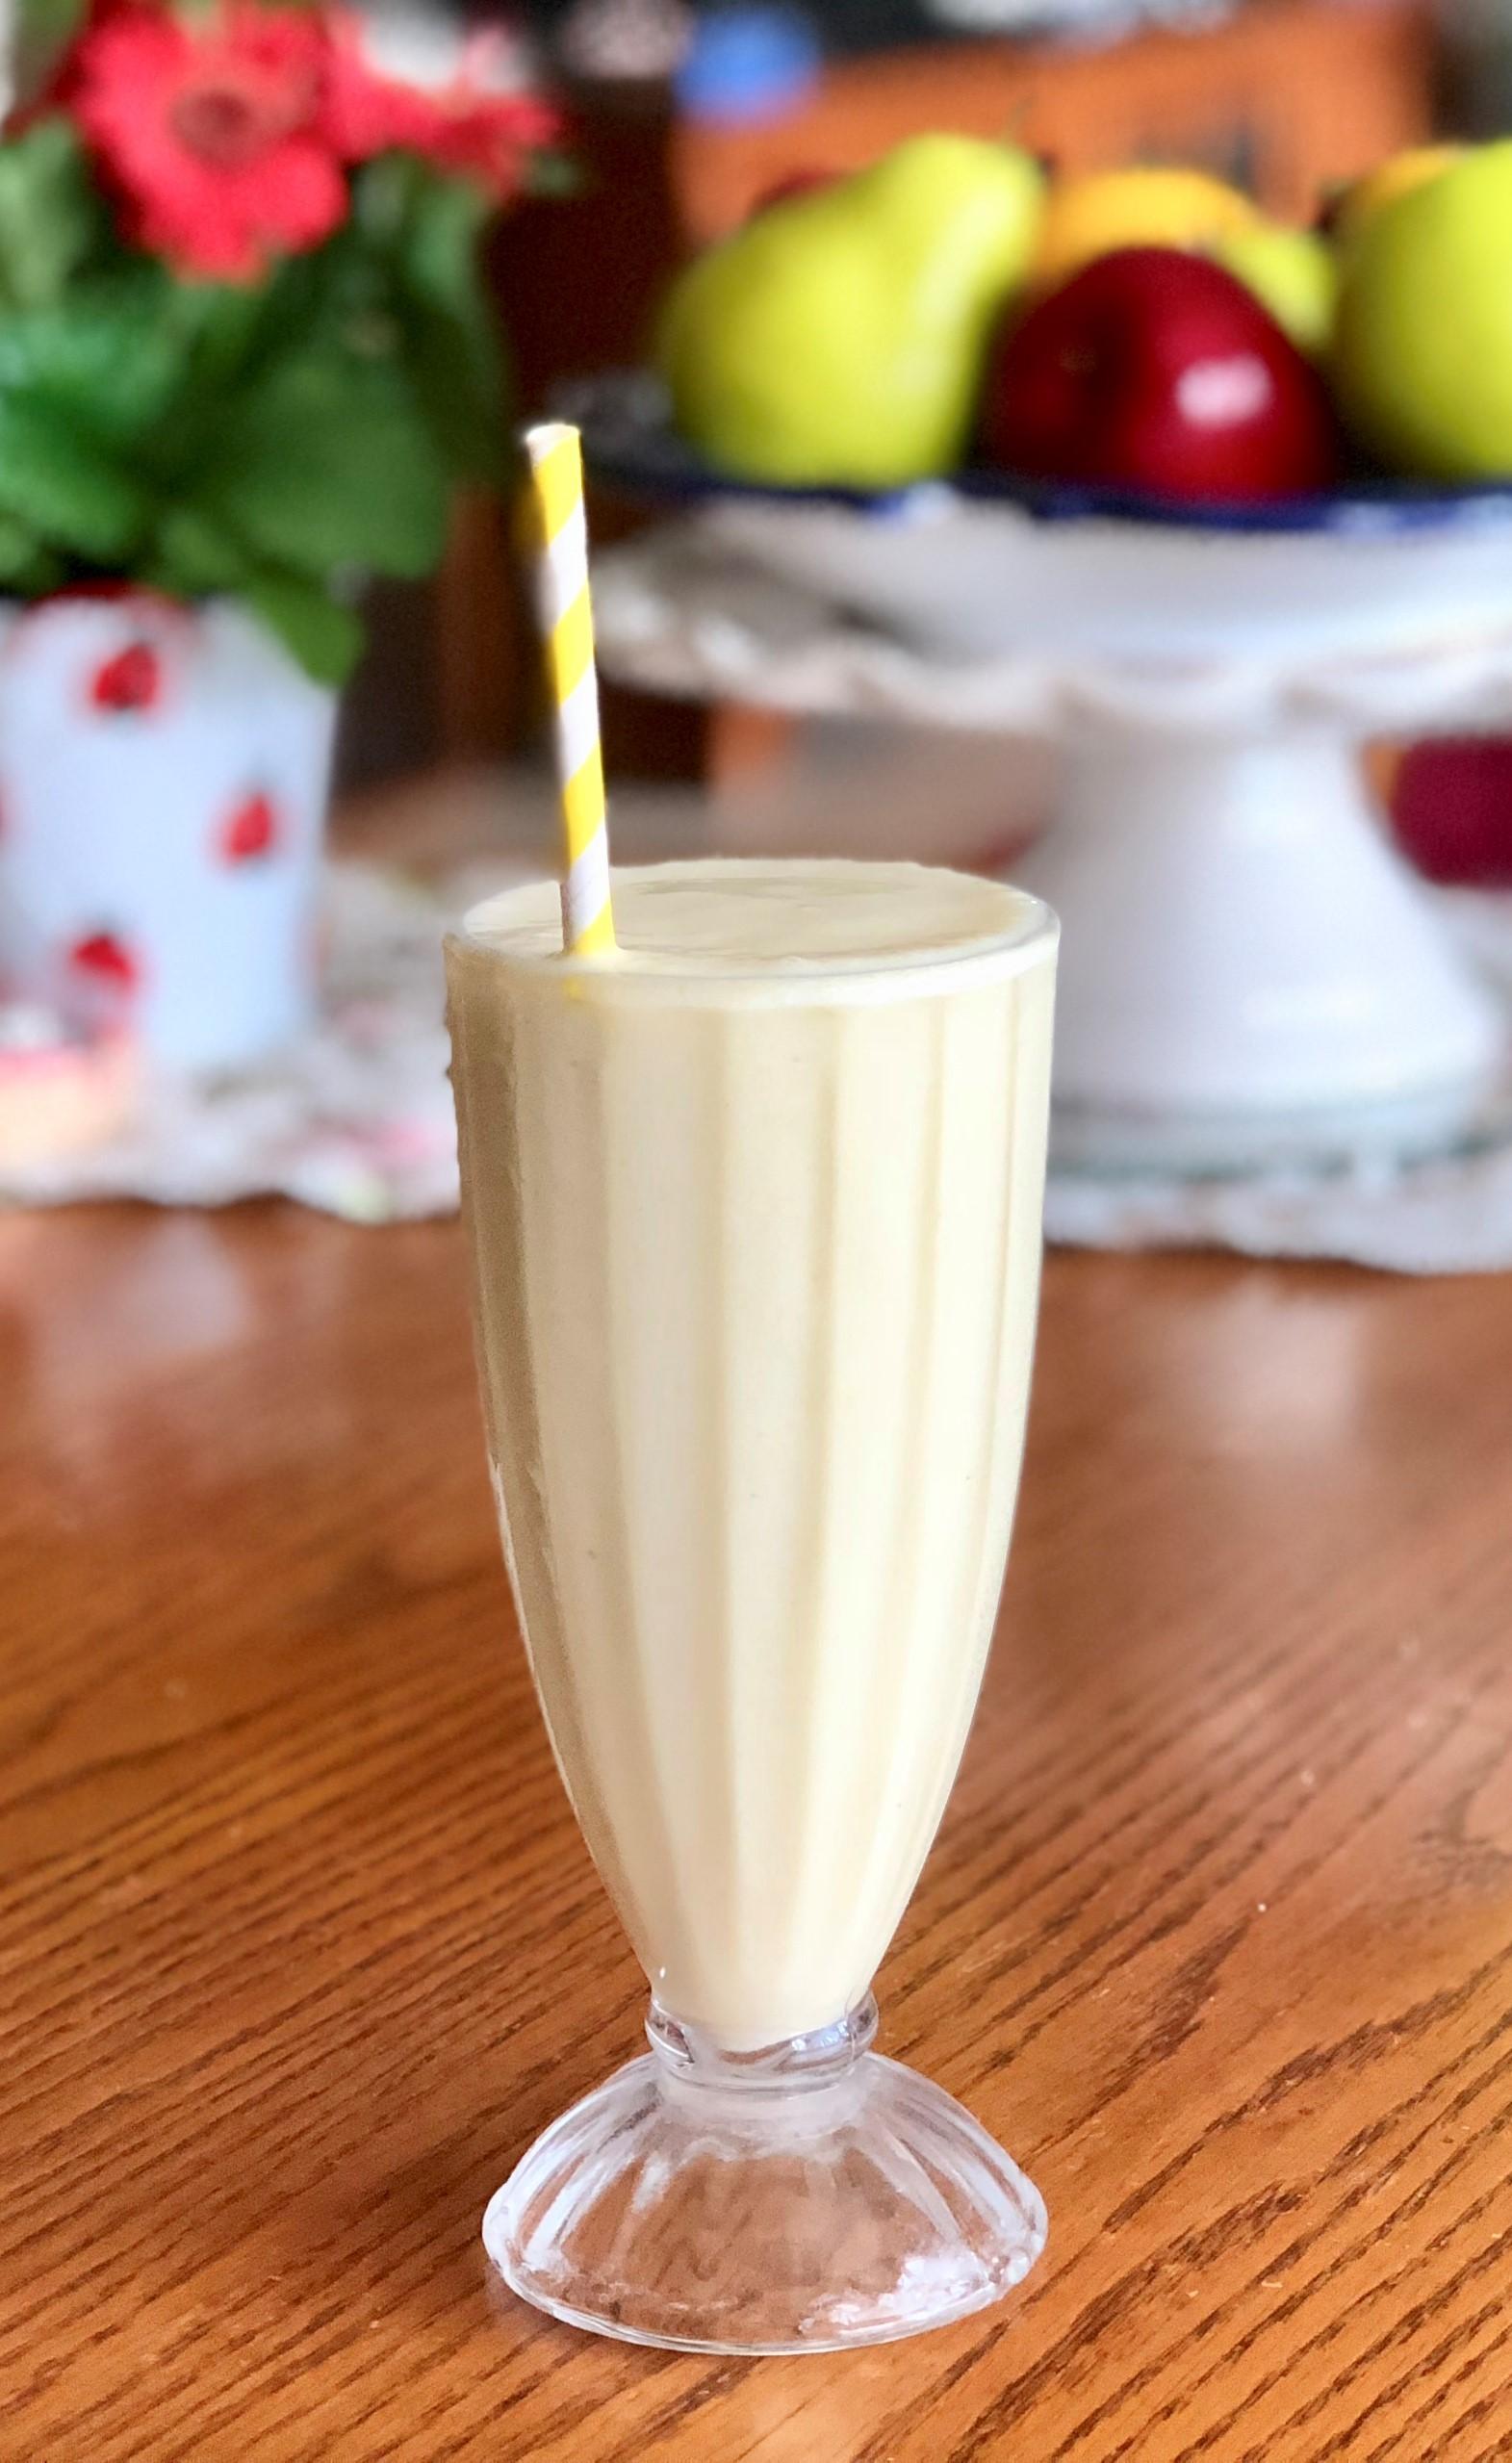 Virgin Pina Colada Protein Smoothie